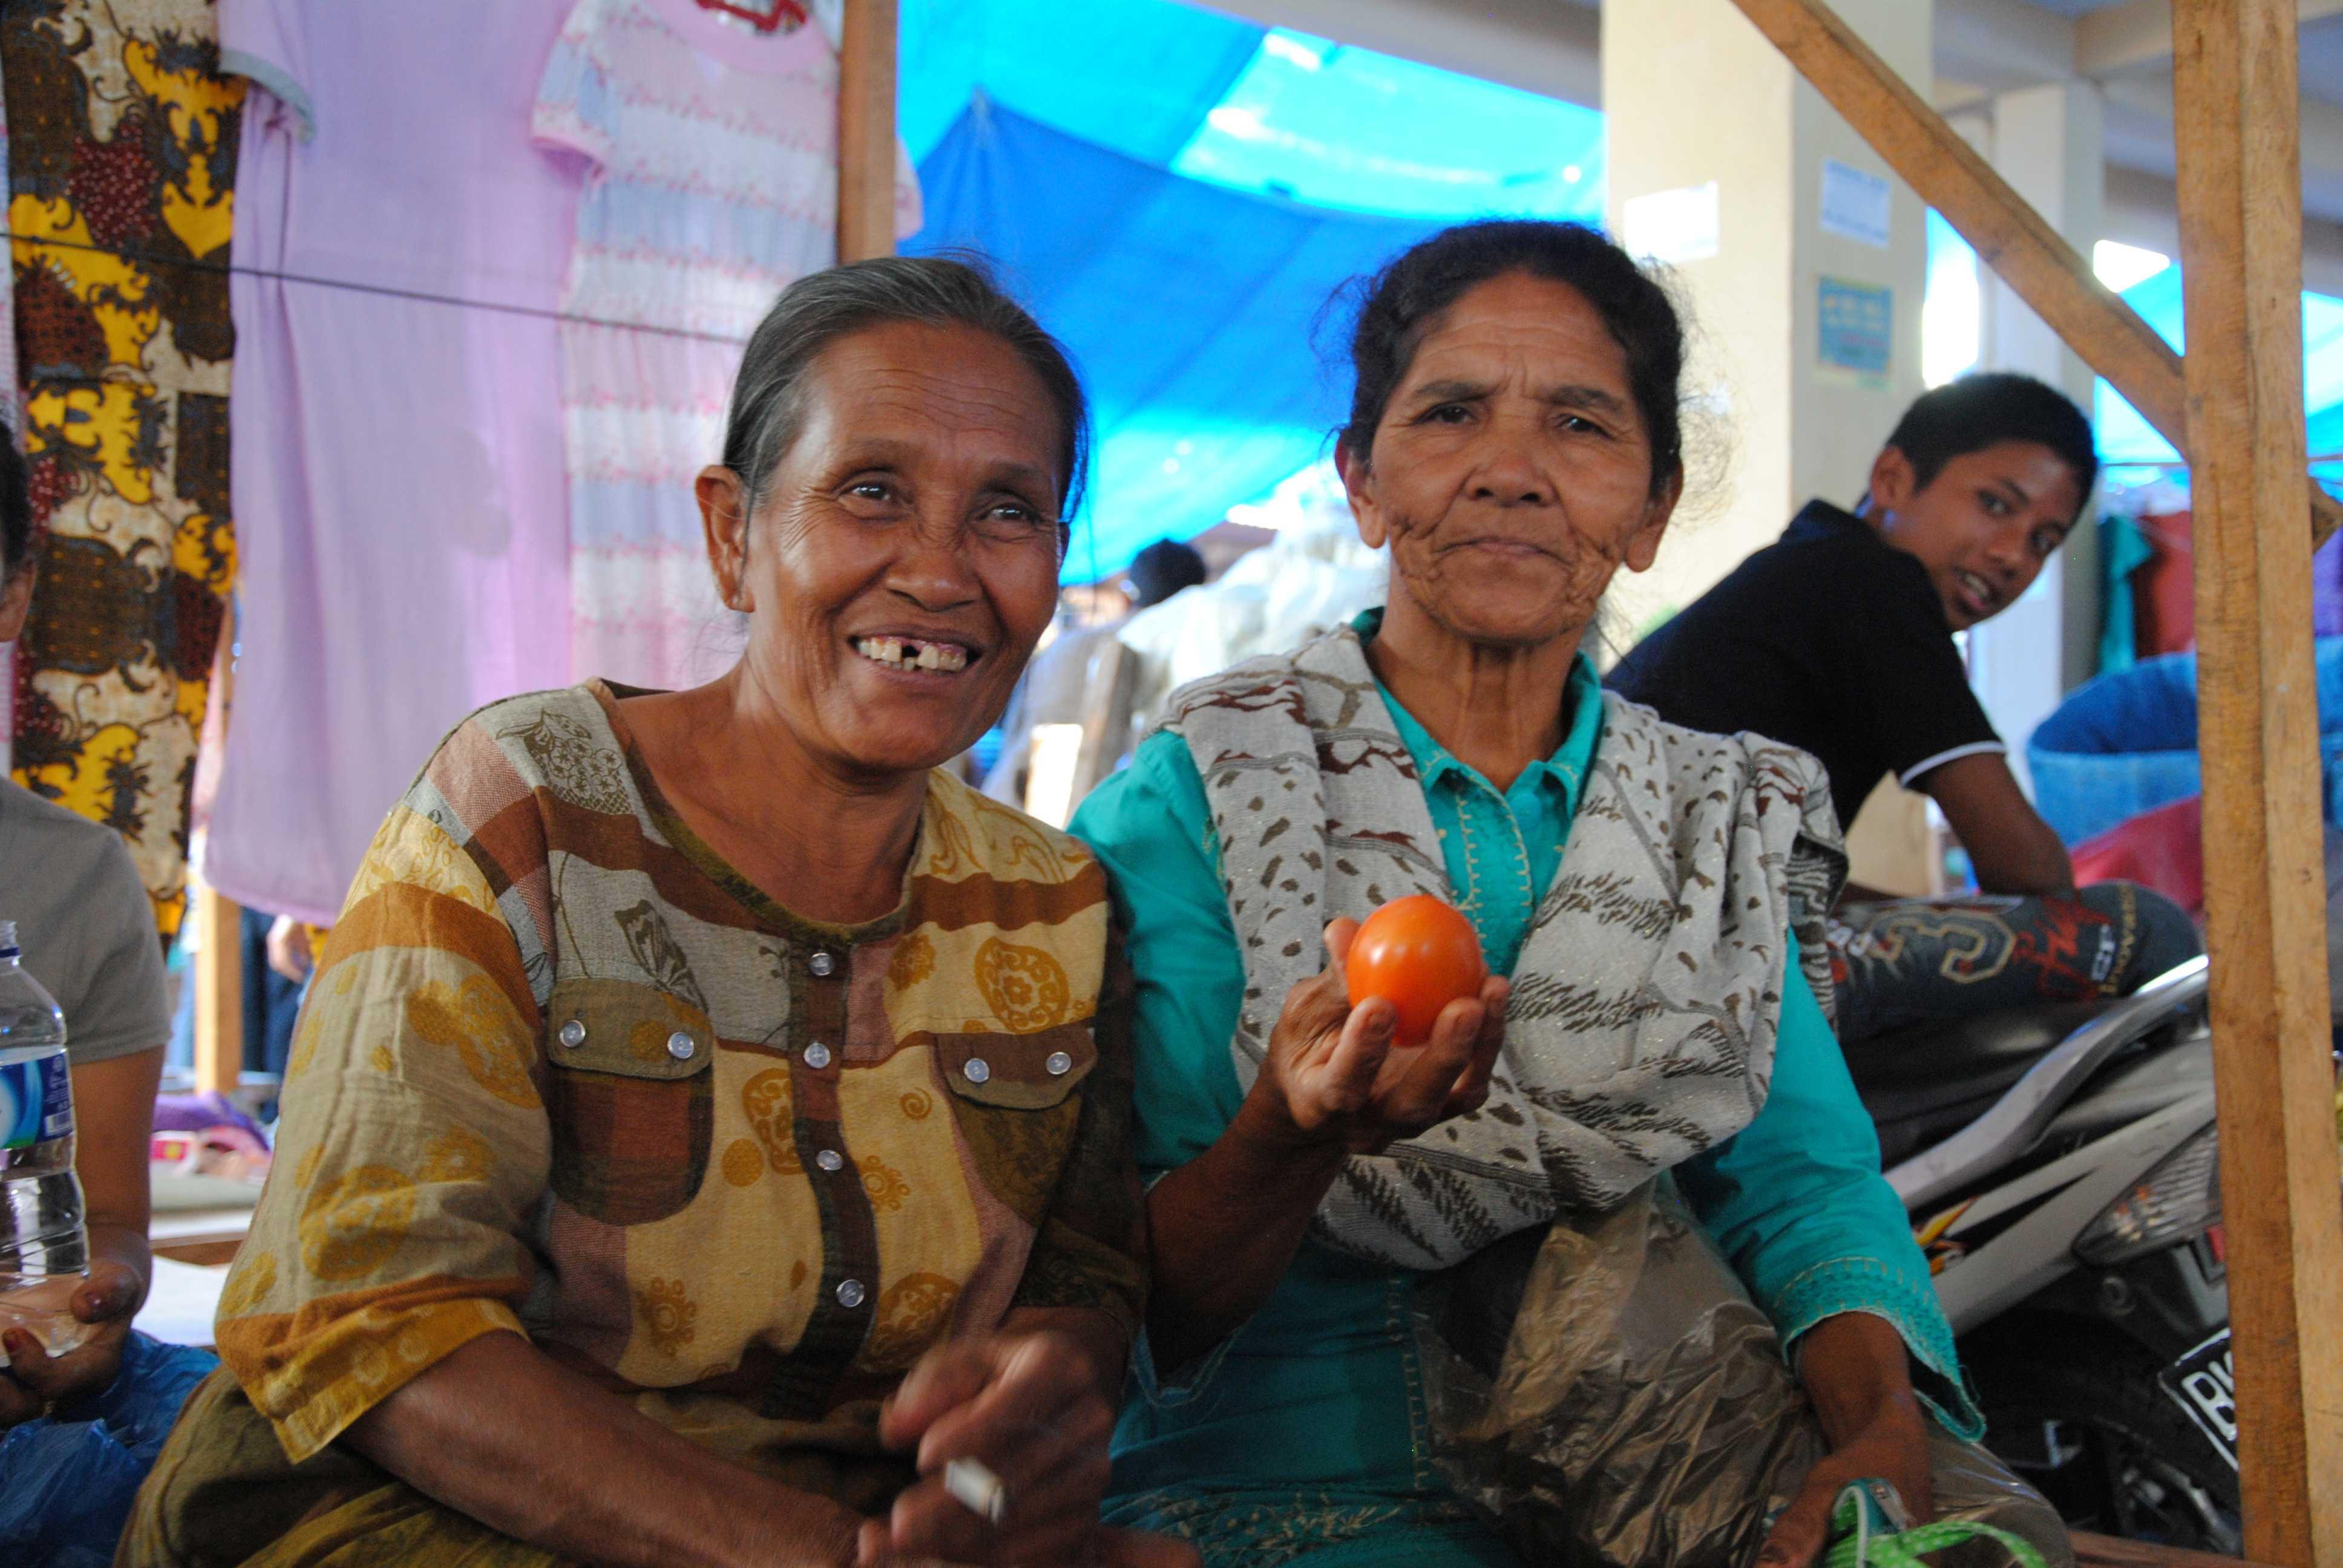 Zwei indonesische Frauen mit einer Kaki in der Hand